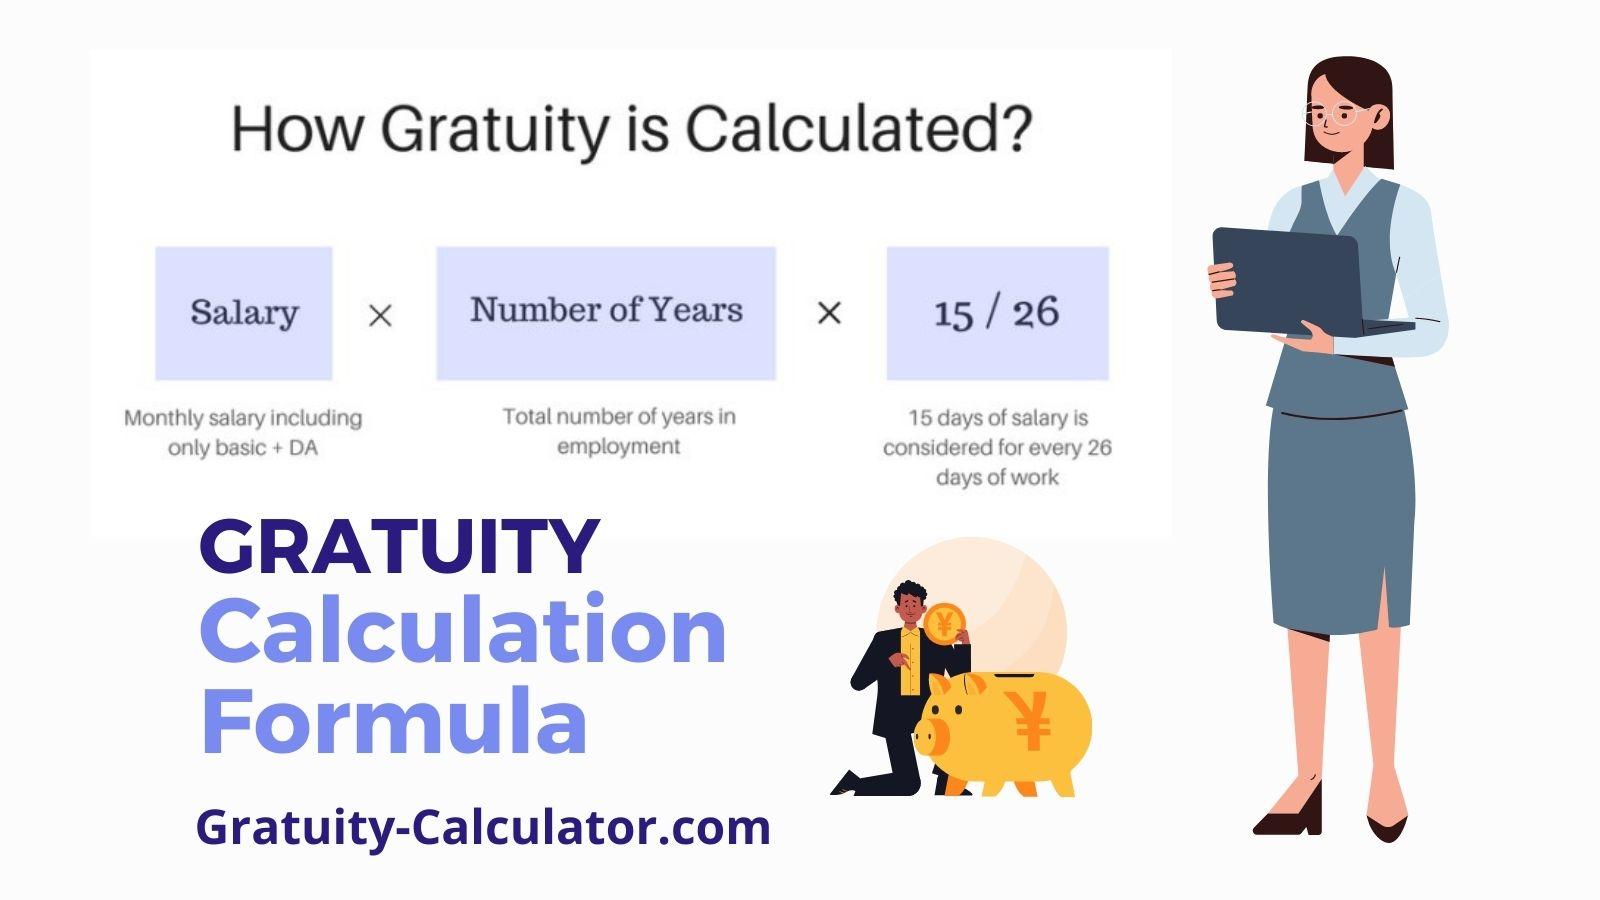 Gratuity Calculator Formula